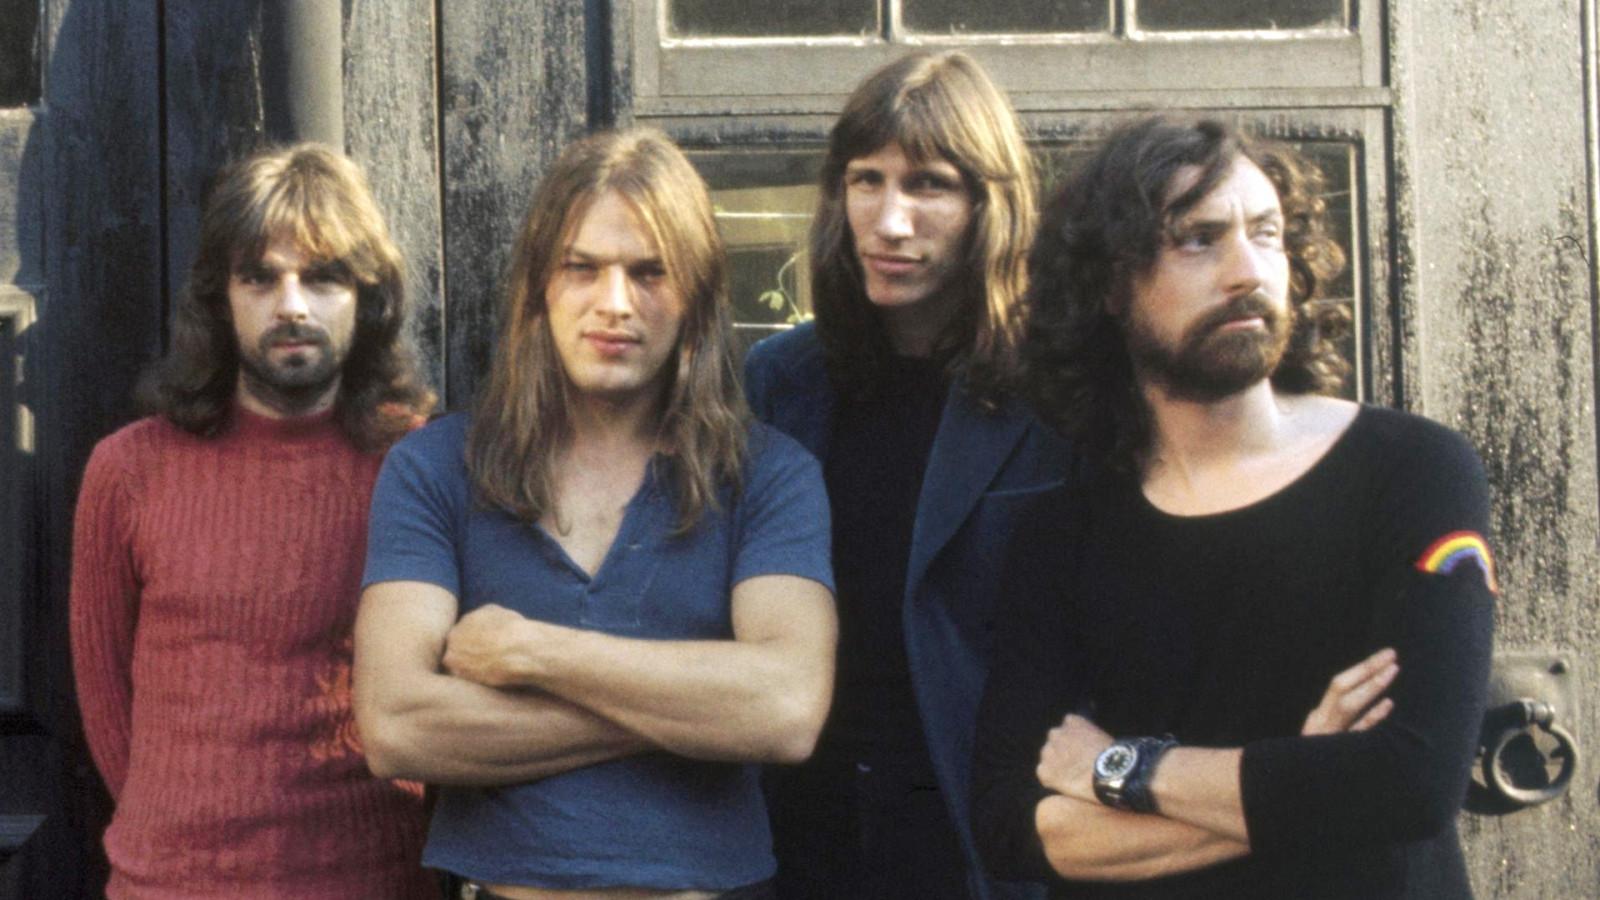 banda, cabello, Pink Floyd, Juventud, barba, vello facial, grupo social, Miembros